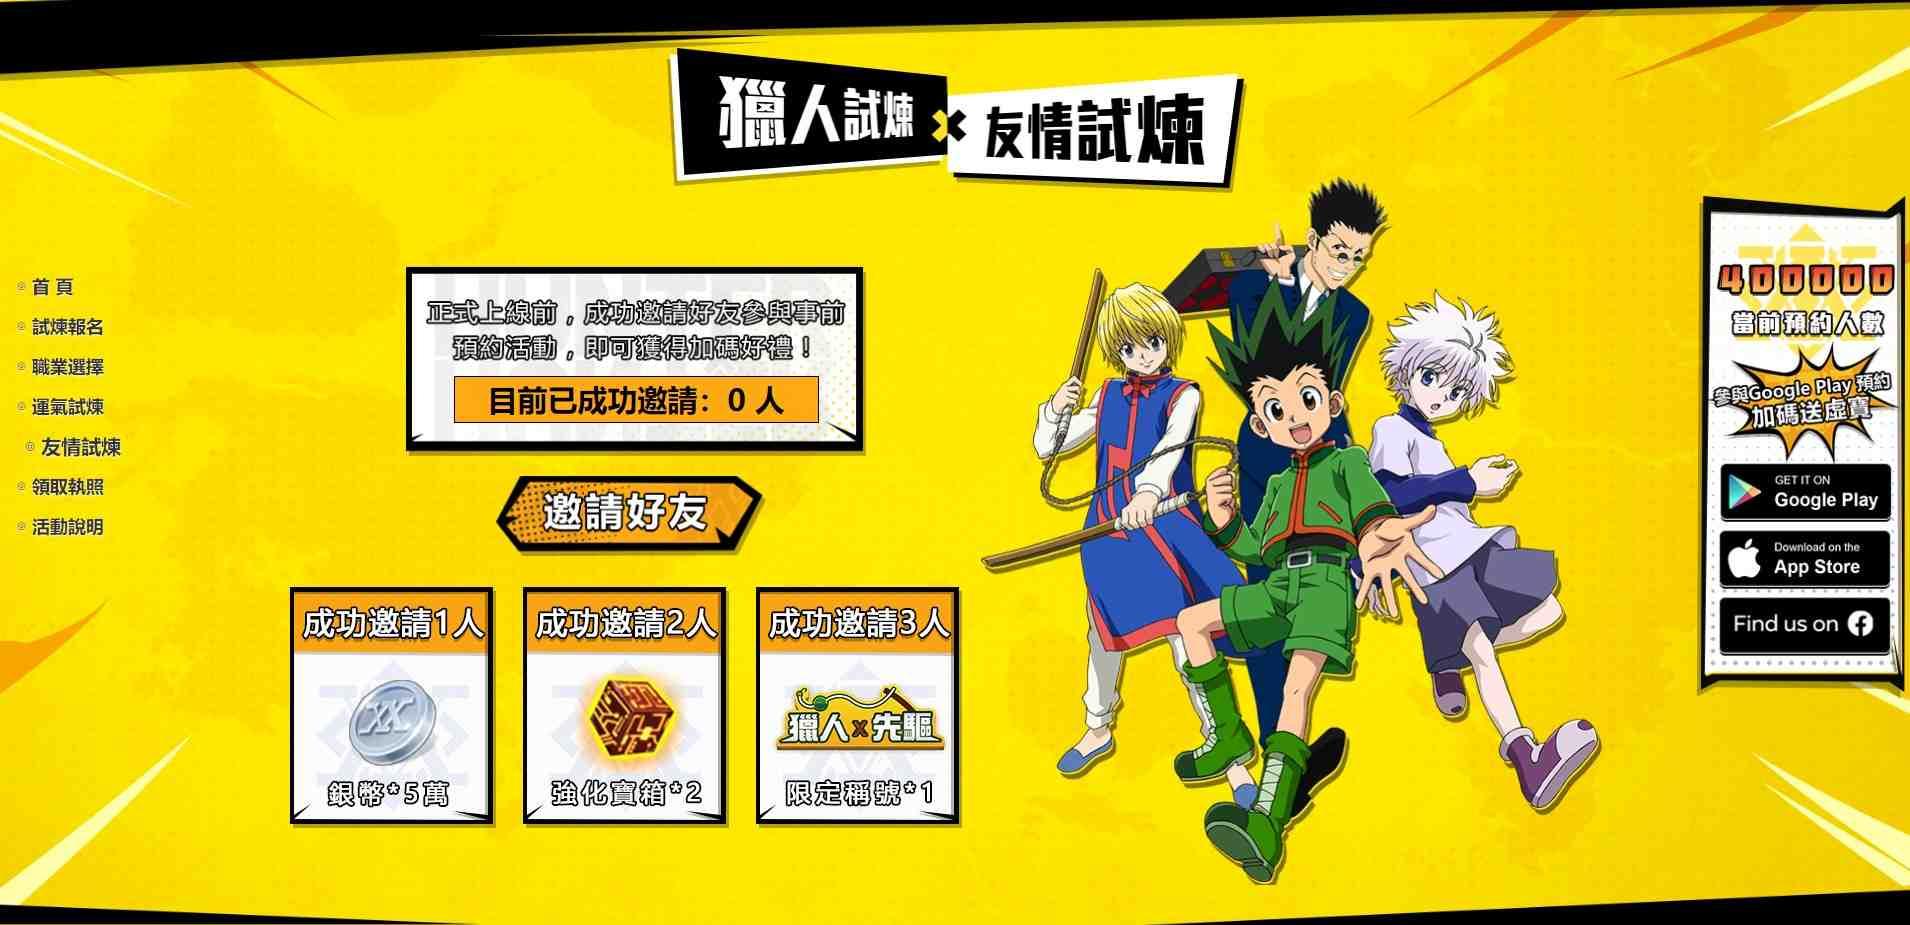 正版授權手遊『獵人HUNTER × HUNTER』事前預約活動開跑,即刻預約就送永久西索!